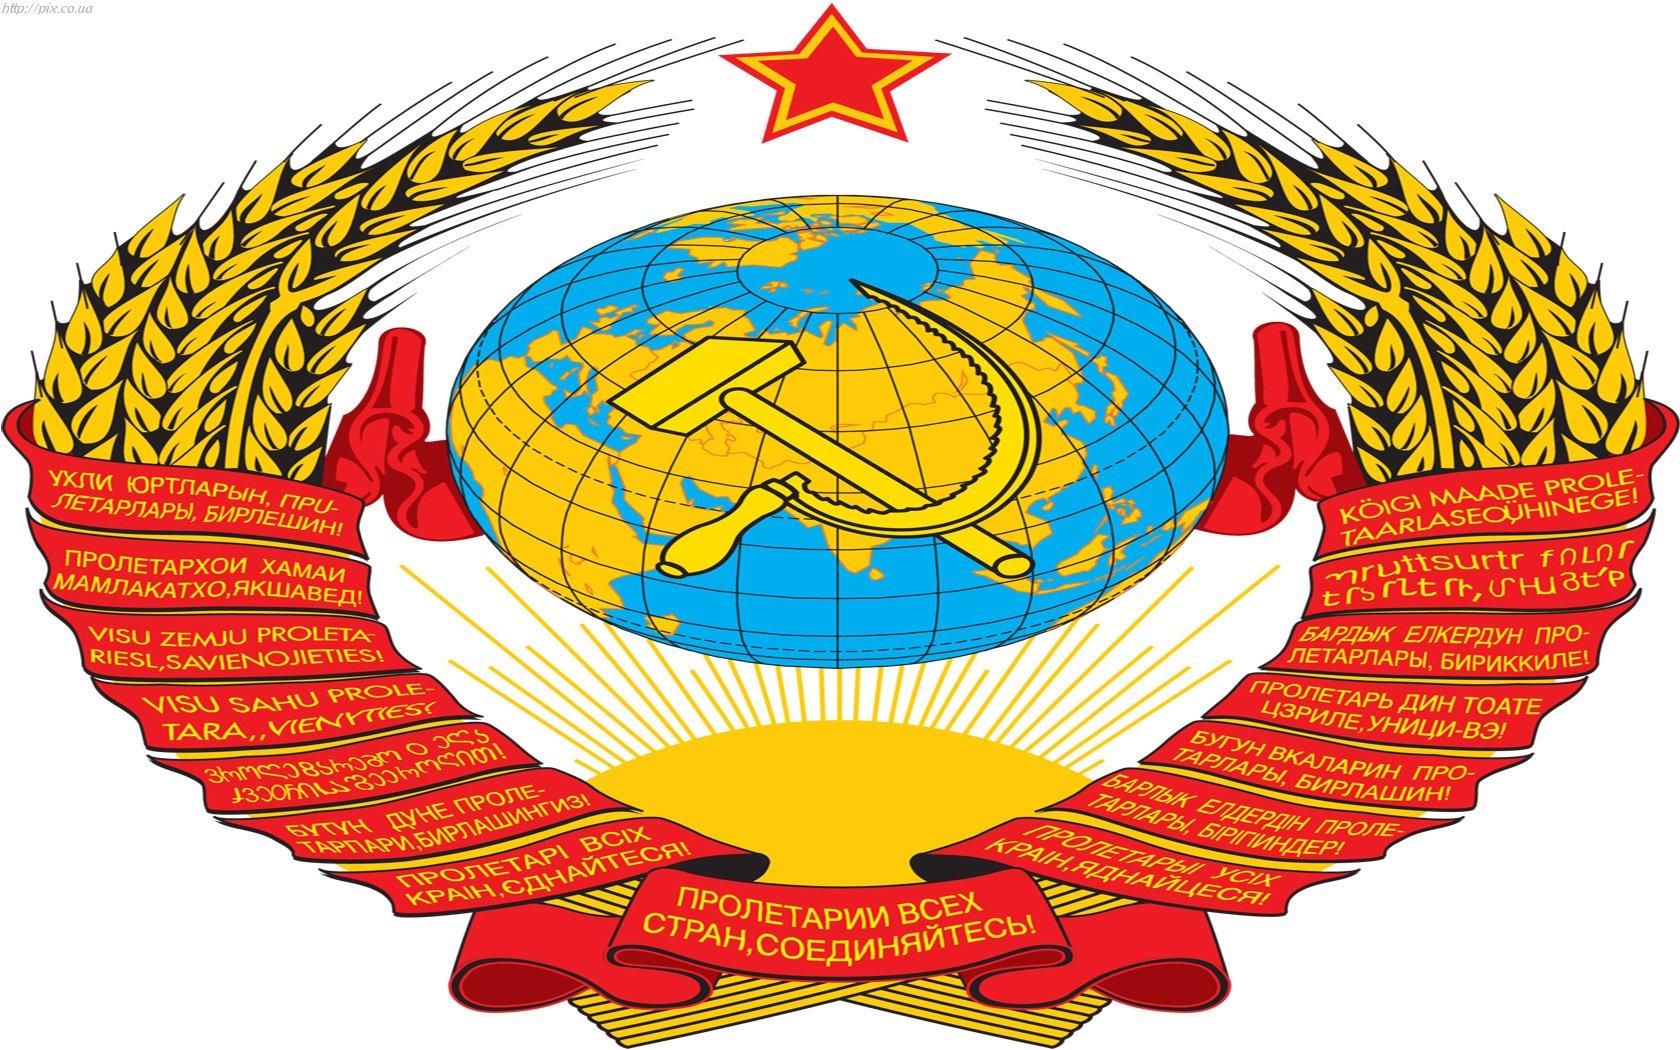 Серп и молот, герб СССР